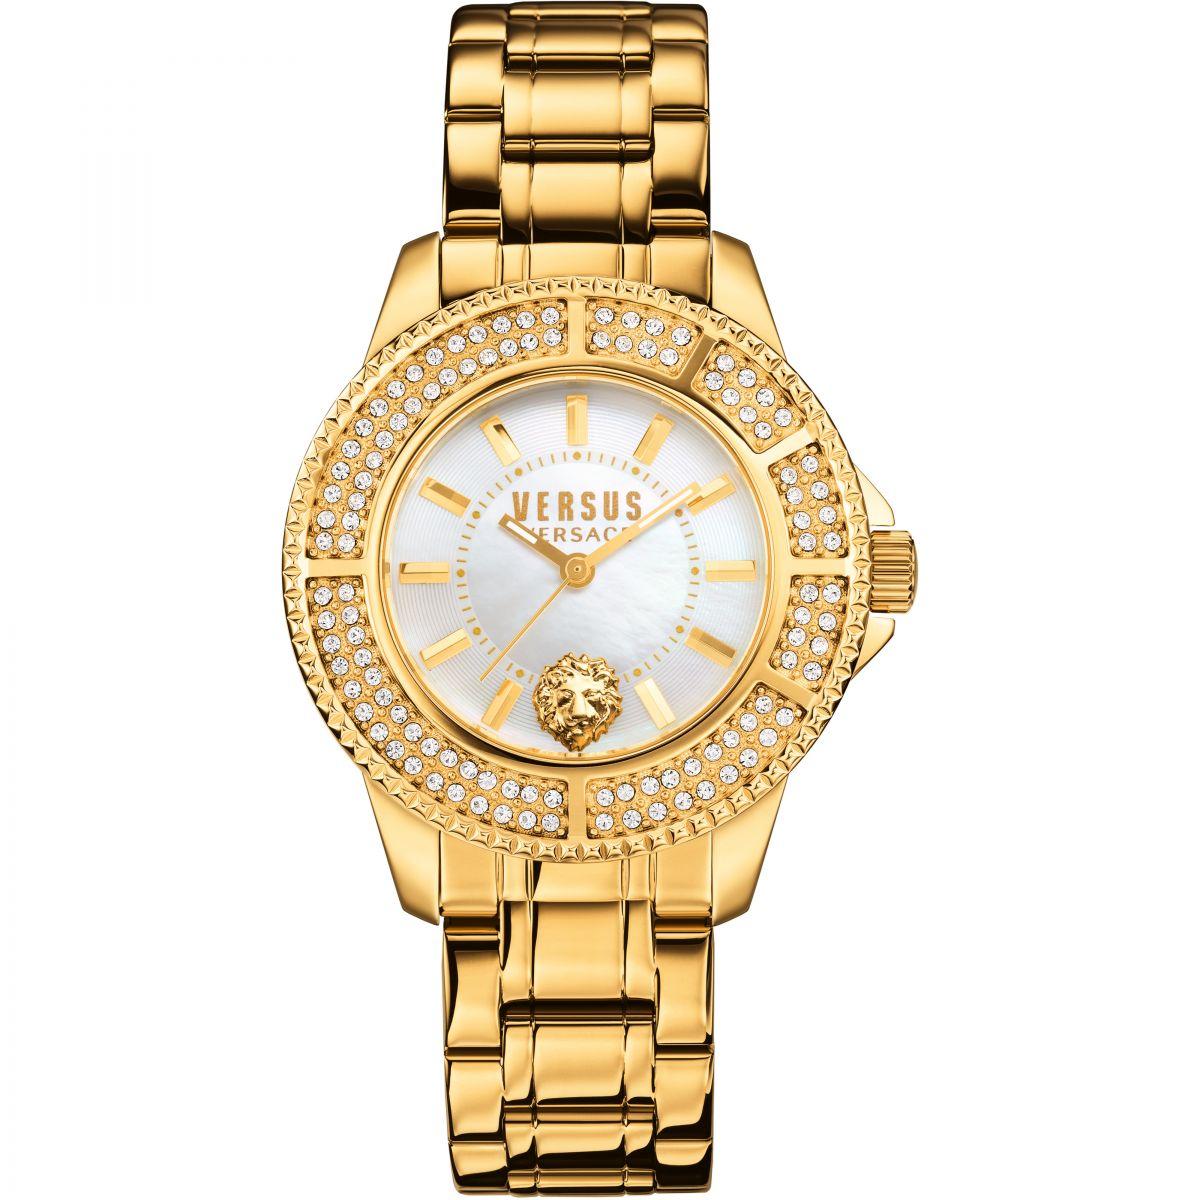 c4dc730b0982 montre femme versace prix parfaites pour toute occasion ...